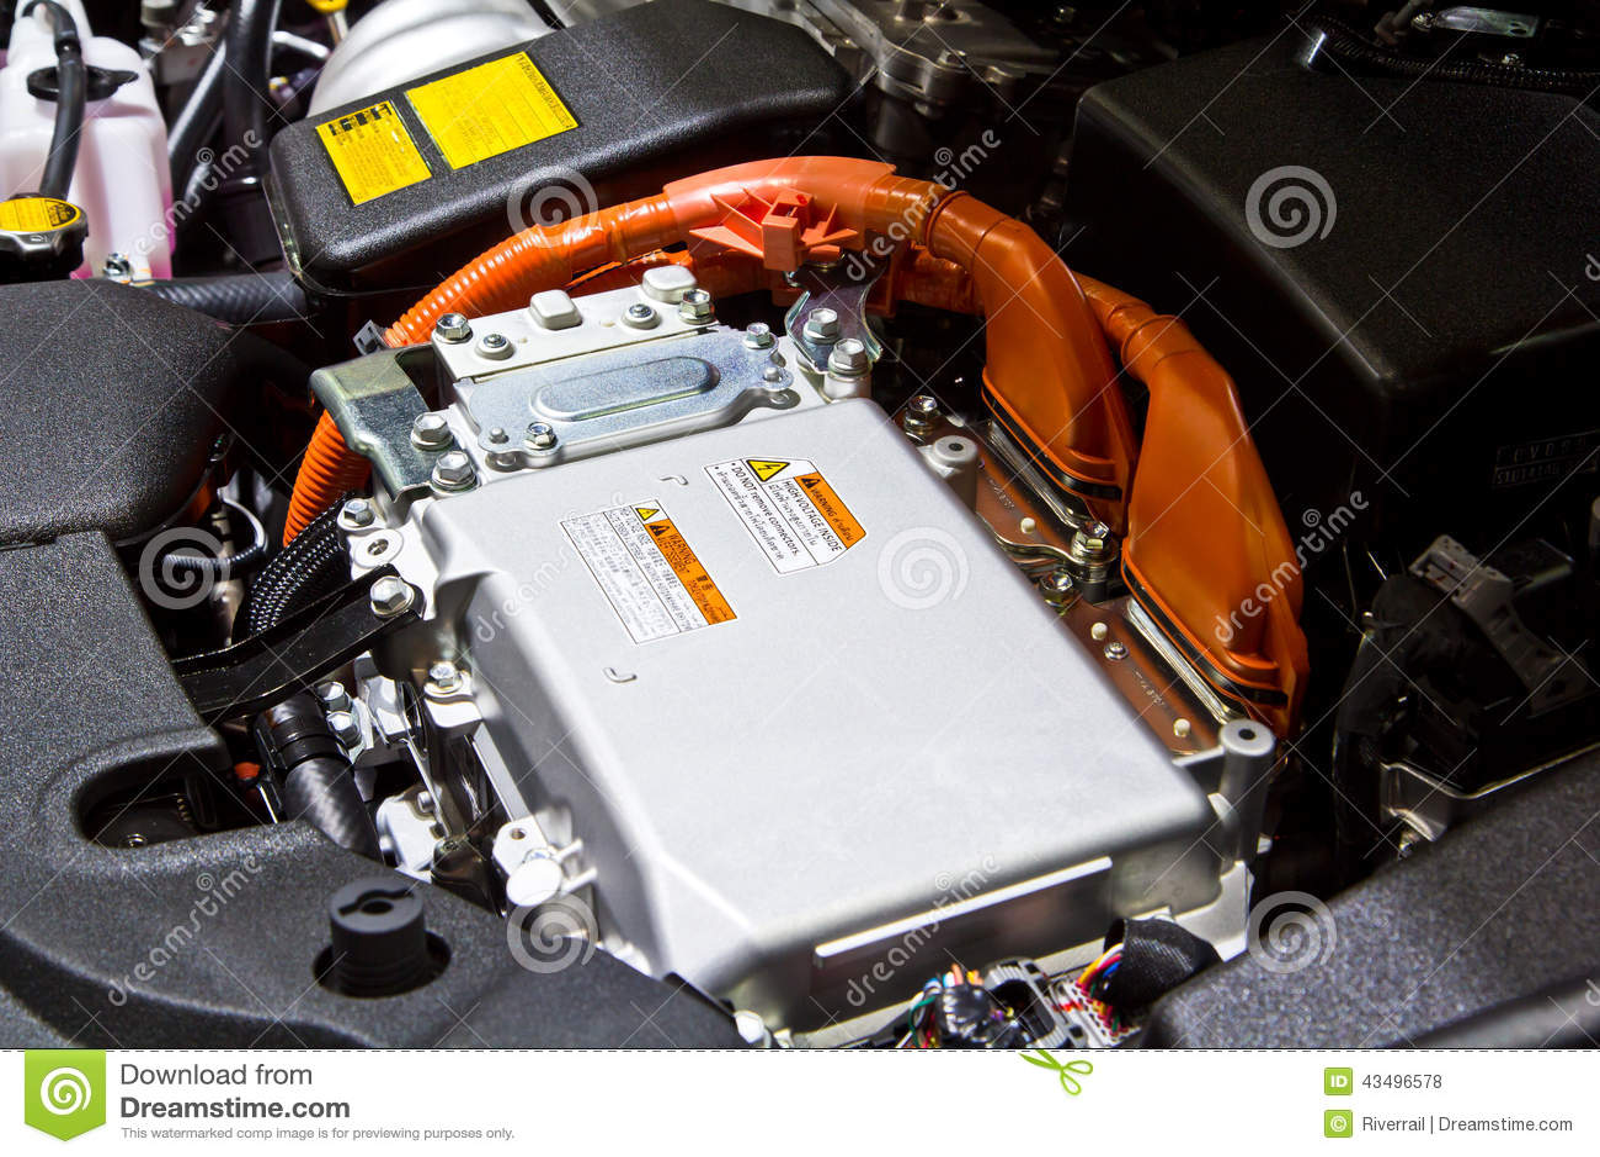 Battery And Hybrid Engine Stock Photo Image 43496578